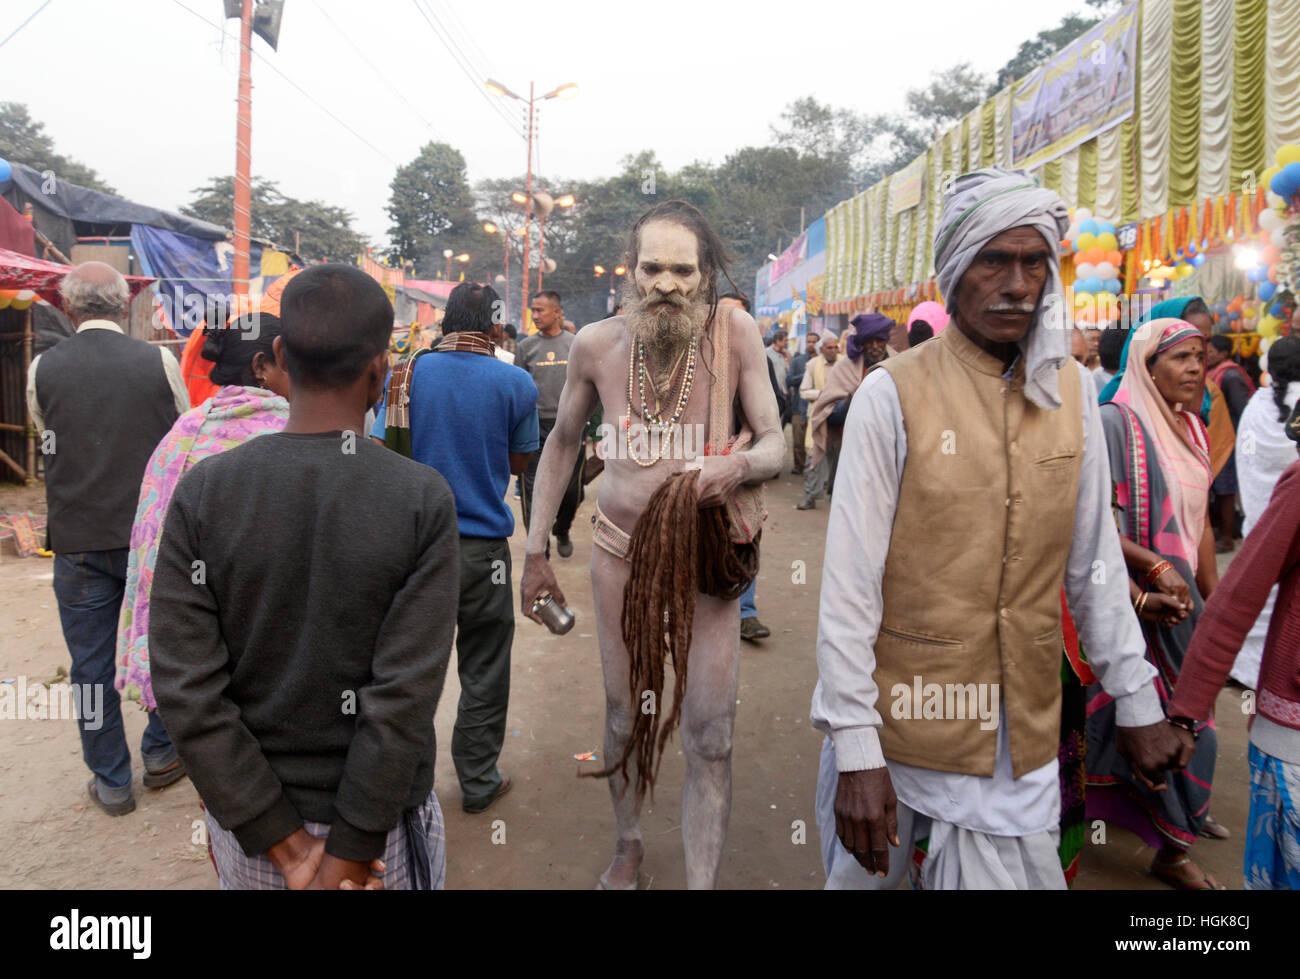 Kolkata, India. 10th Jan, 2017. Sadhu or Hindu Holy man walks holding his long hair at Kolkata Trabsit camp. Pilgrims Stock Photo